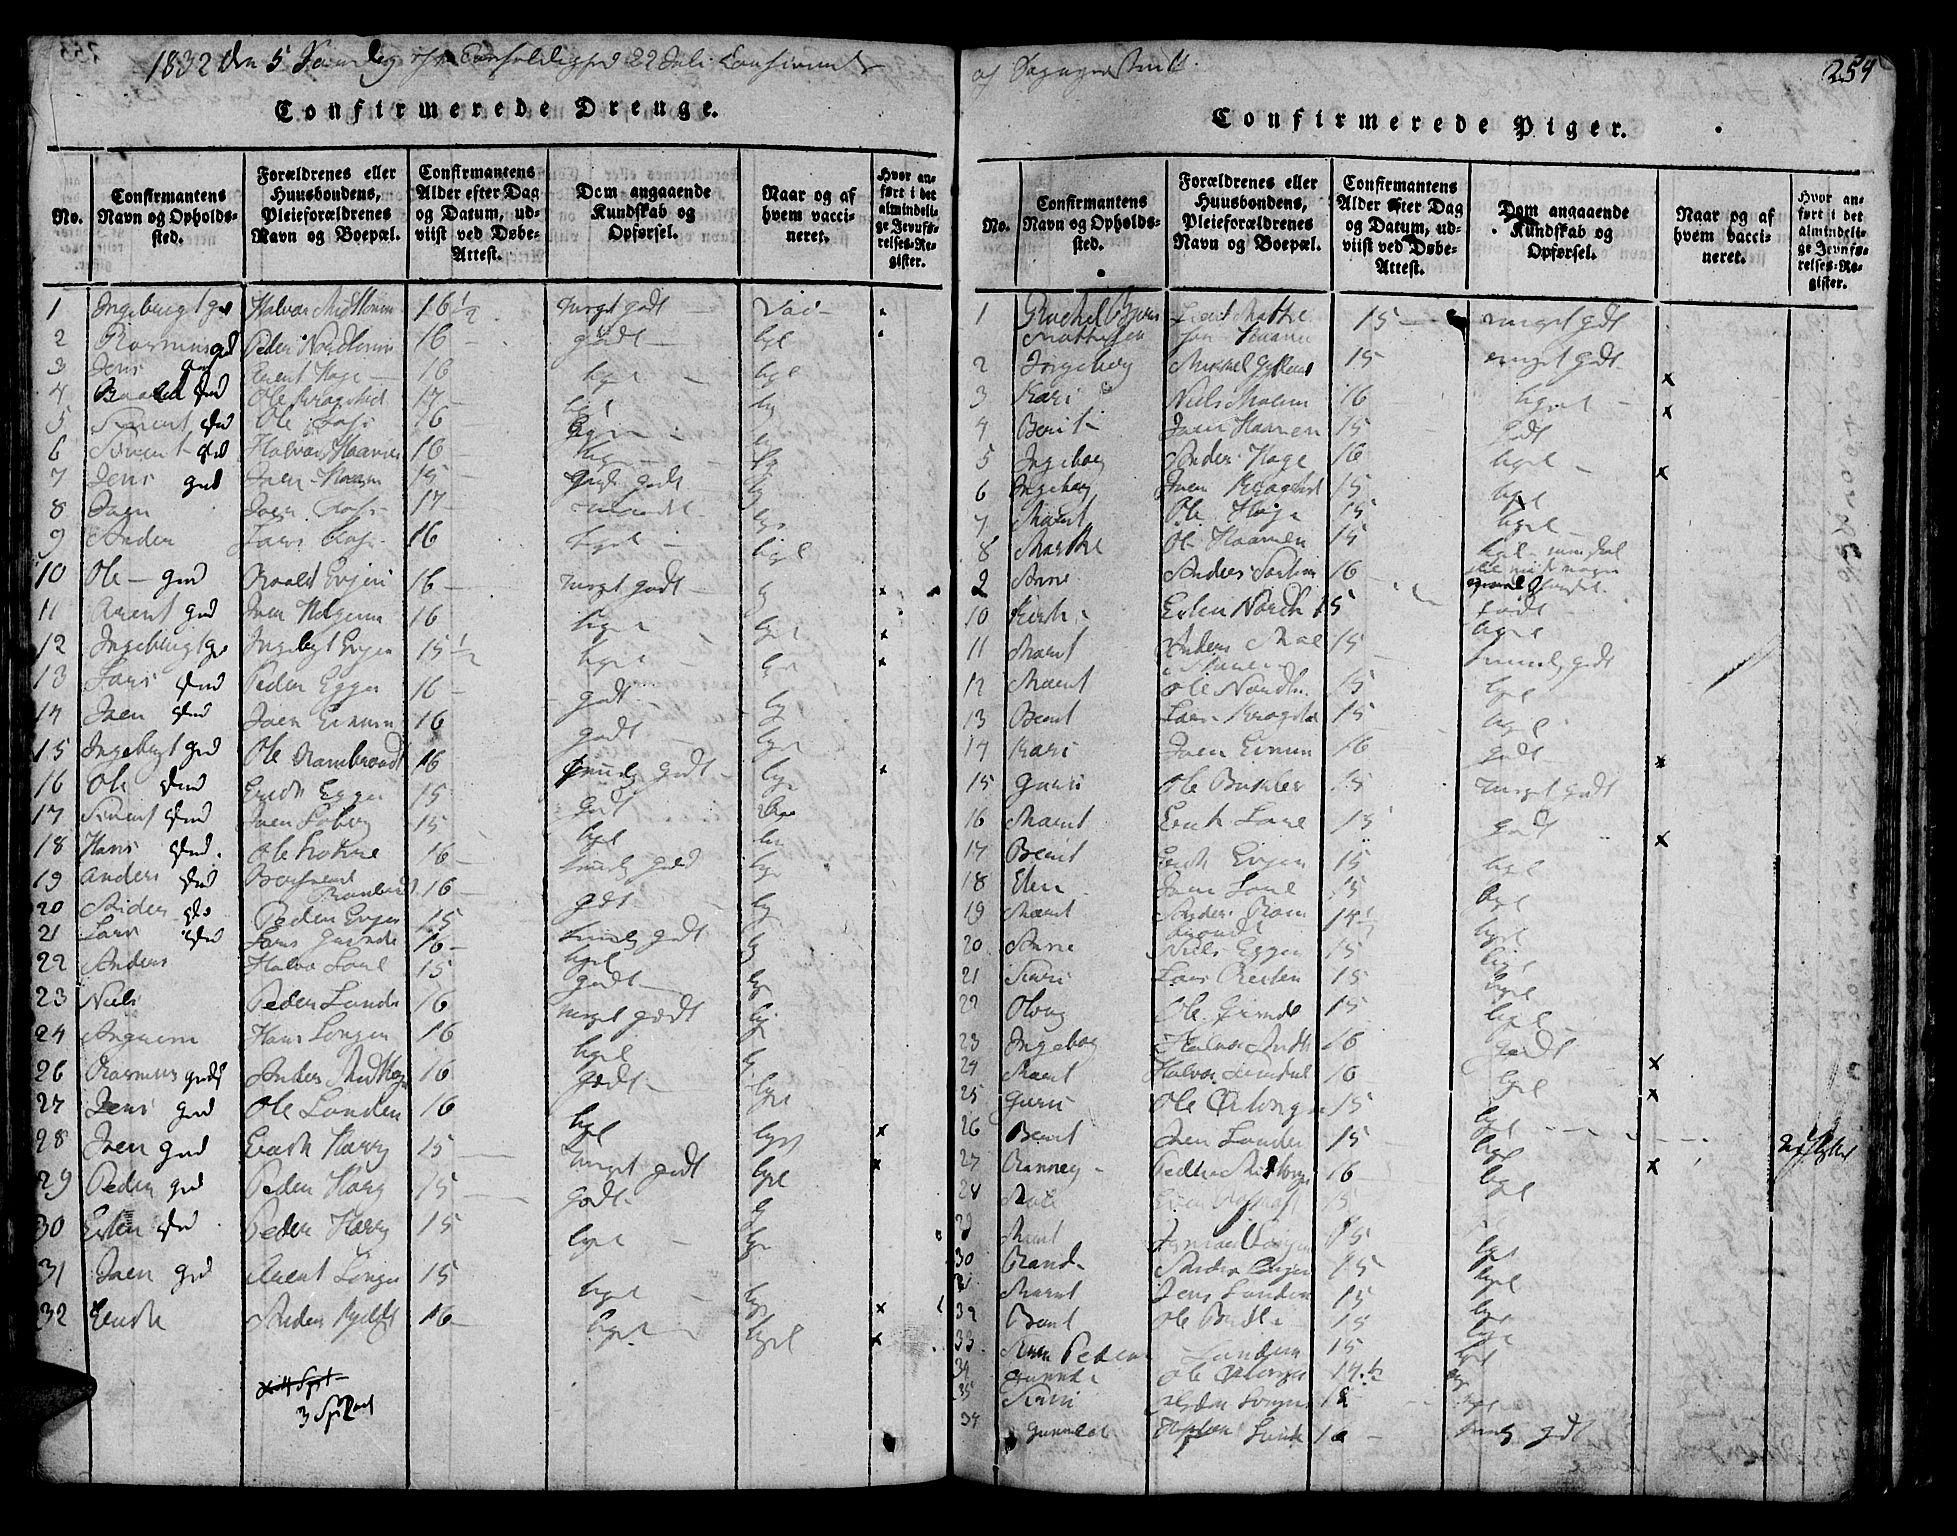 SAT, Ministerialprotokoller, klokkerbøker og fødselsregistre - Sør-Trøndelag, 692/L1102: Ministerialbok nr. 692A02, 1816-1842, s. 254